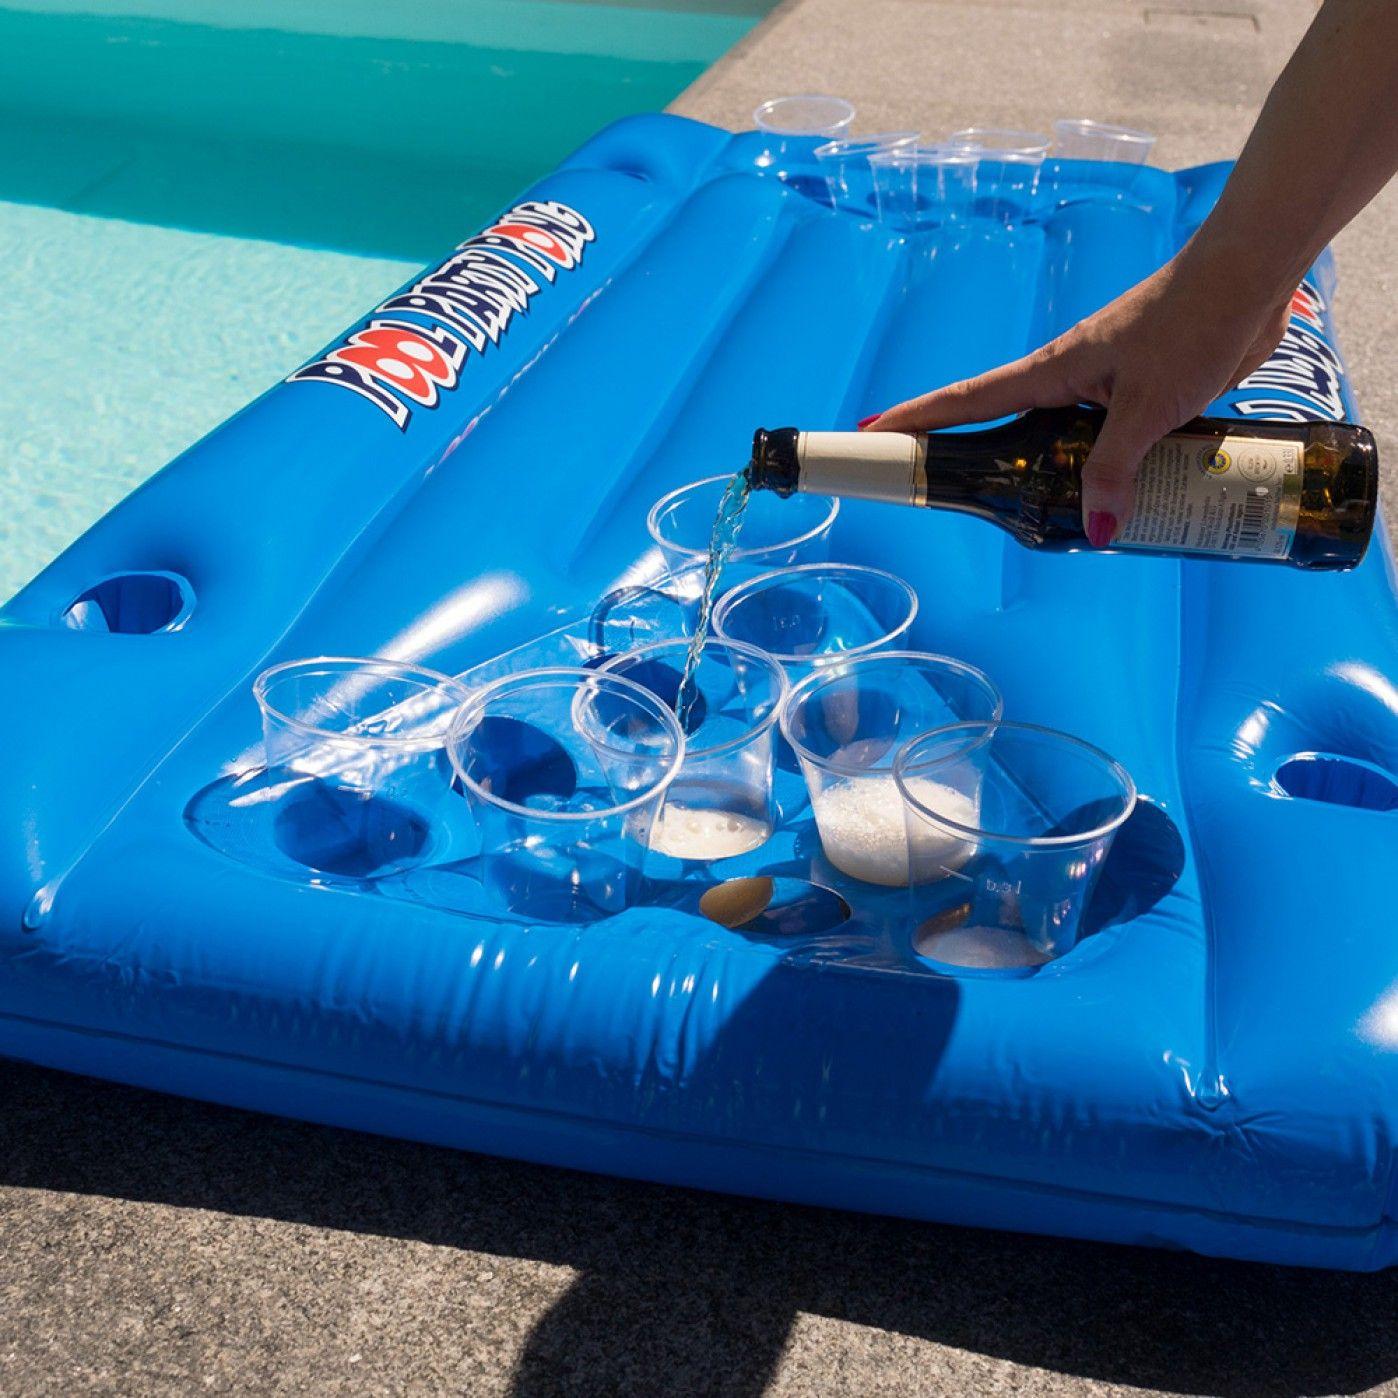 Matelas Gonflable Biere Pong Tous Les Meilleurs Gadgets Pour Organiser Une Soiree Piscine Pool Party Les Meilleures Bouees Pour La Bierpong Zwembad Pomp